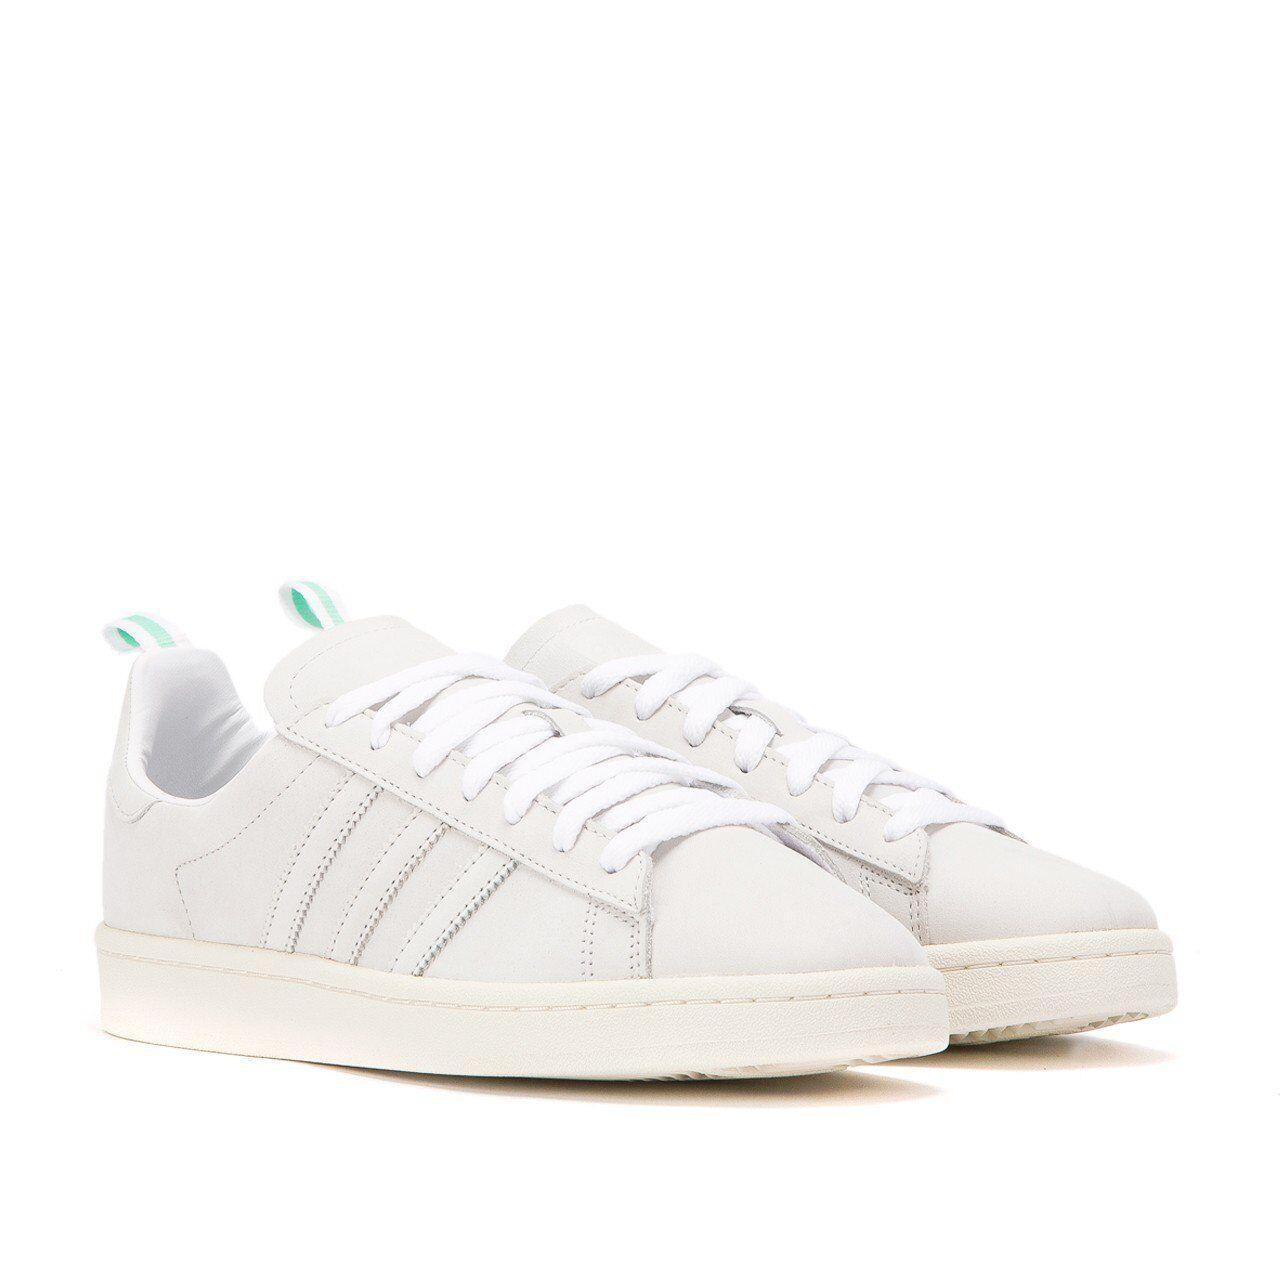 Adidas Original Herren Campus Klassisch Modisch Sportschuhe Weiß